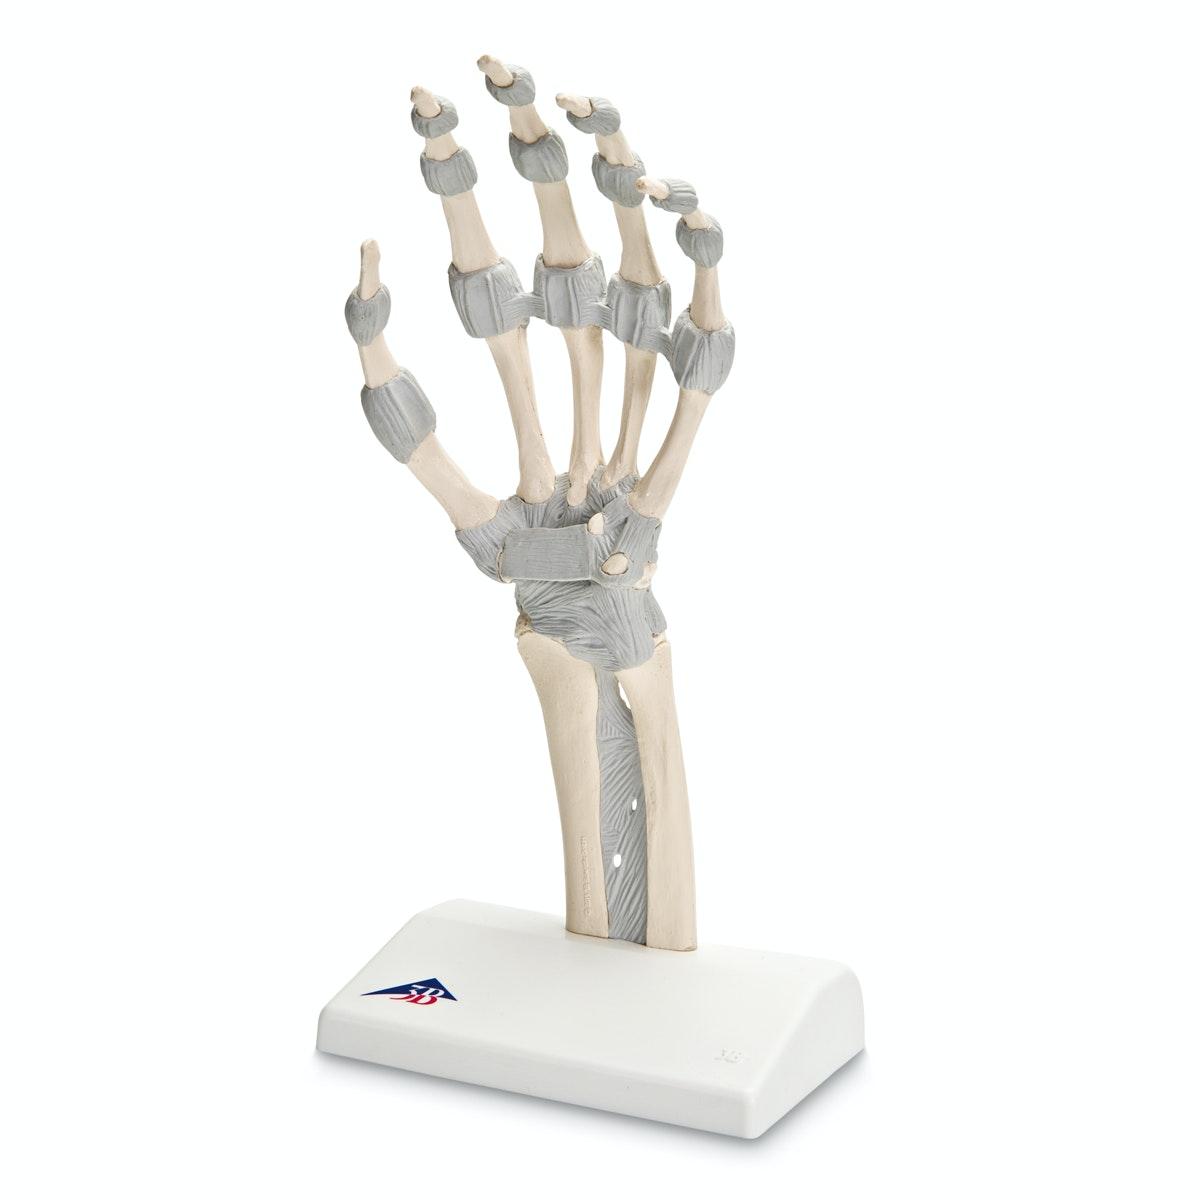 Fleksibel håndmodel med ligamenter